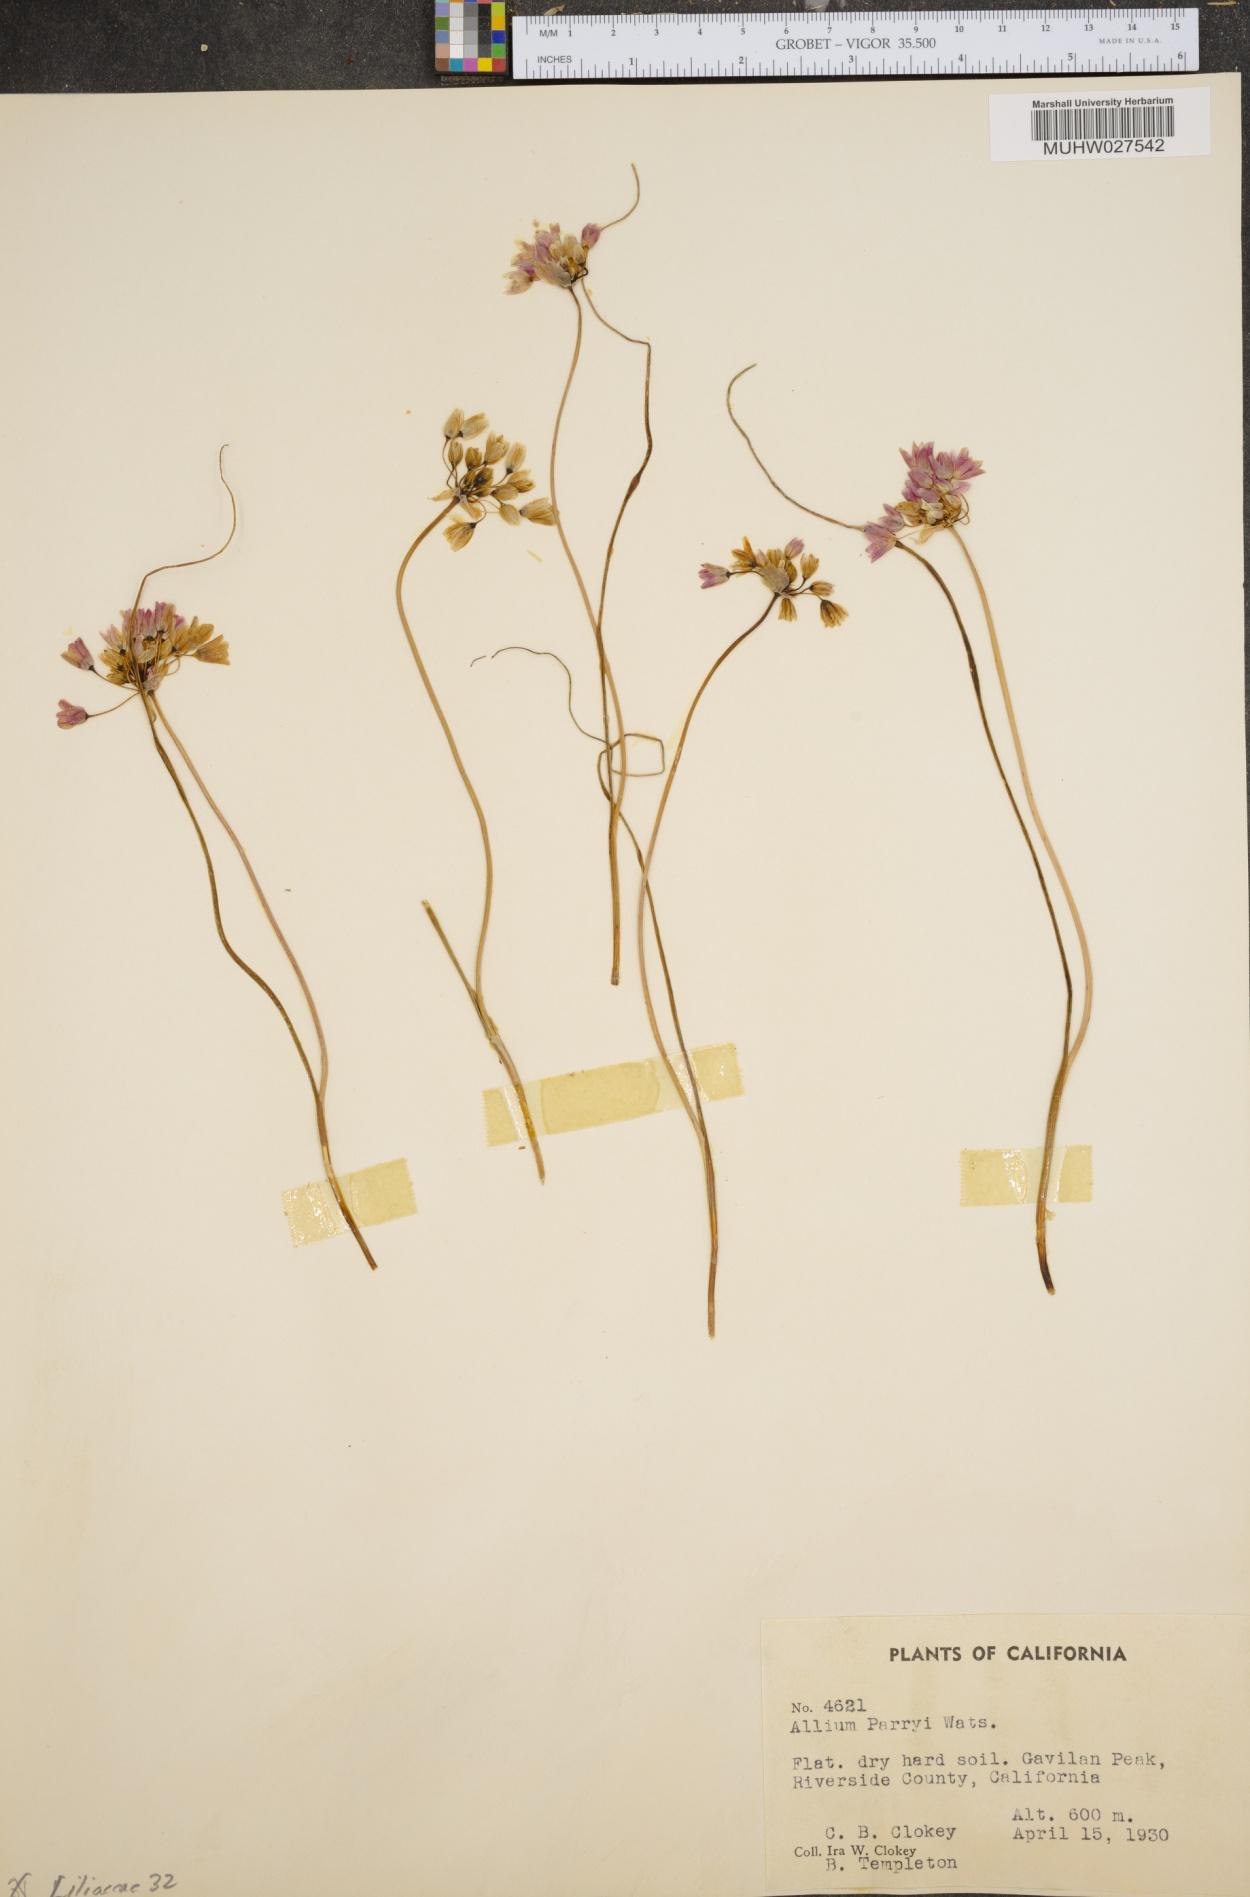 Allium parryi image